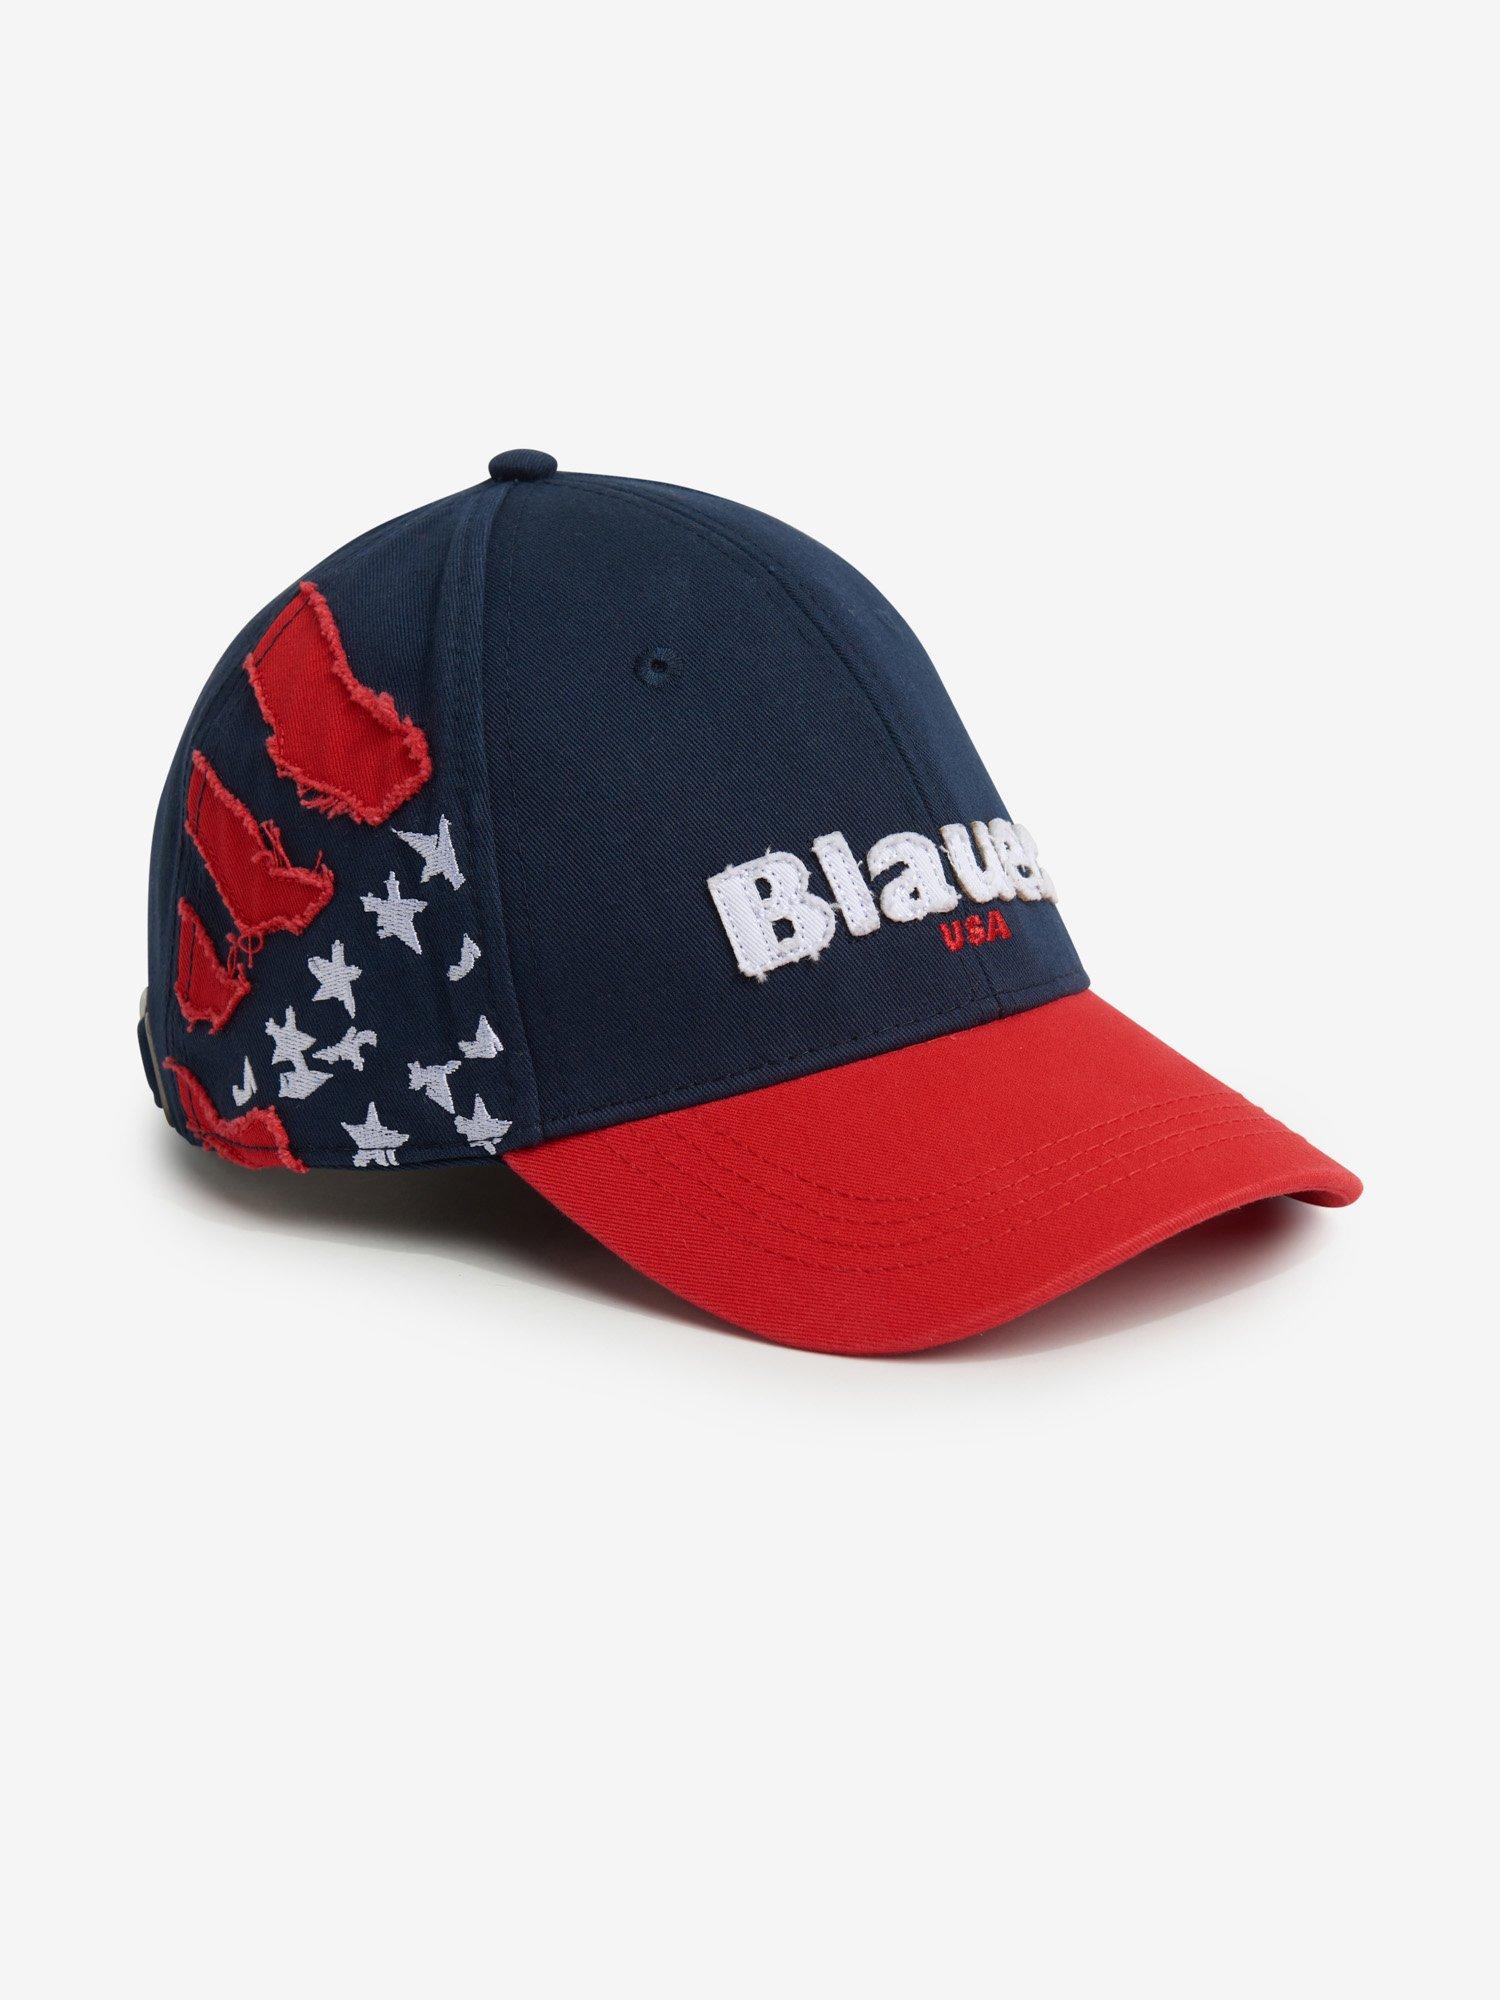 Blauer - BLAUER 36 BASEBALL CAP - Cadet Blue - Blauer